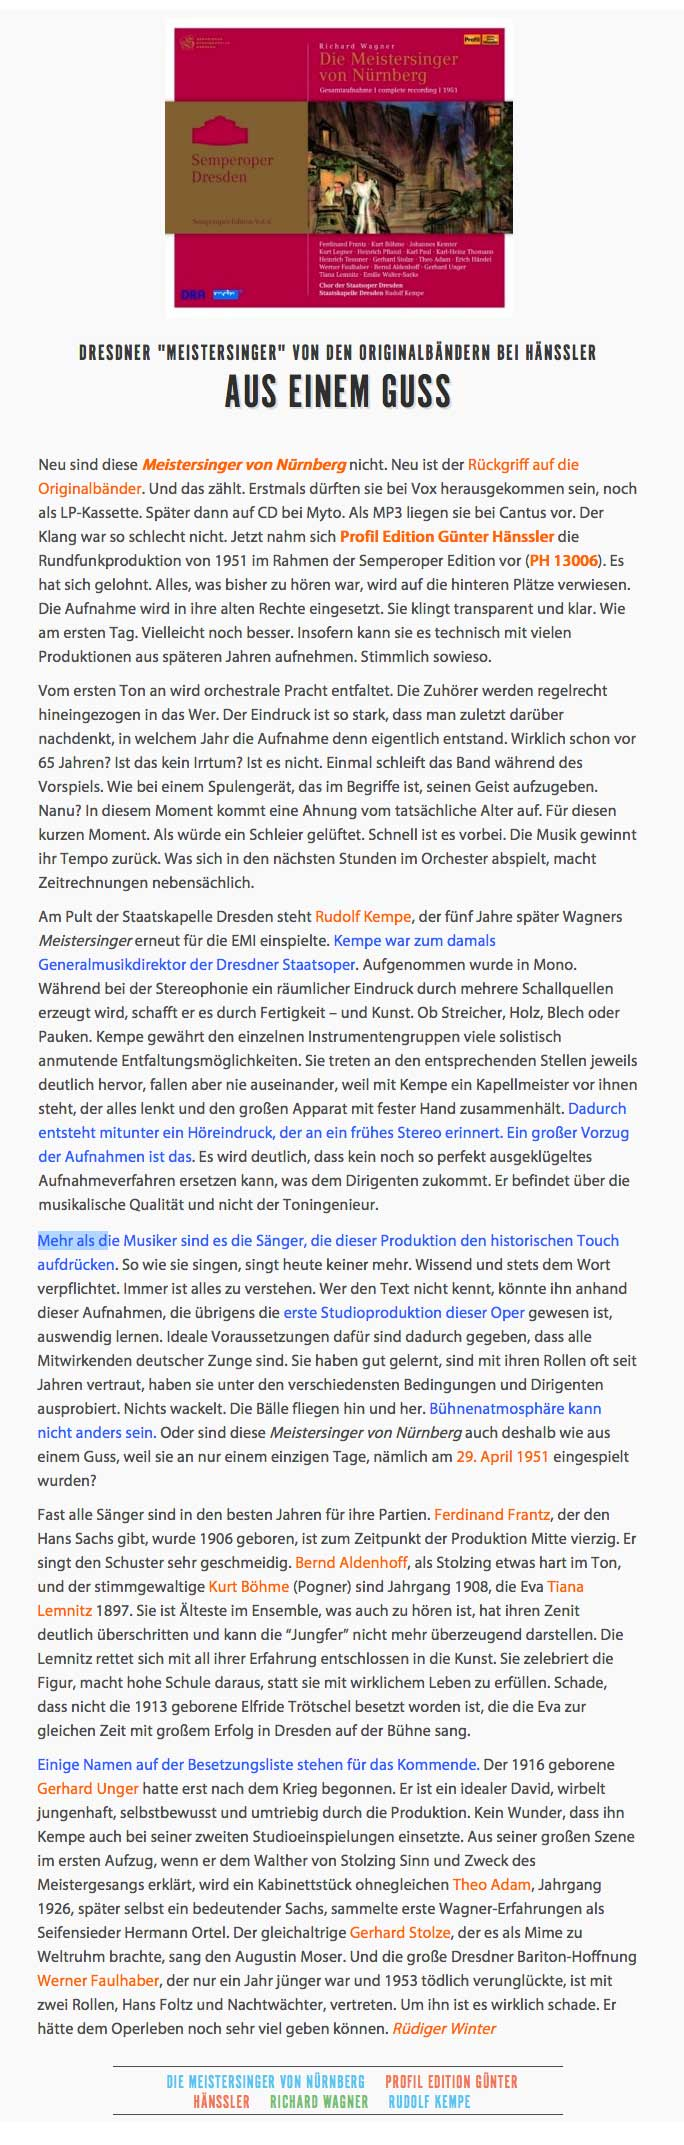 CD Kritik Meistersinger-Kempe-Operalounge